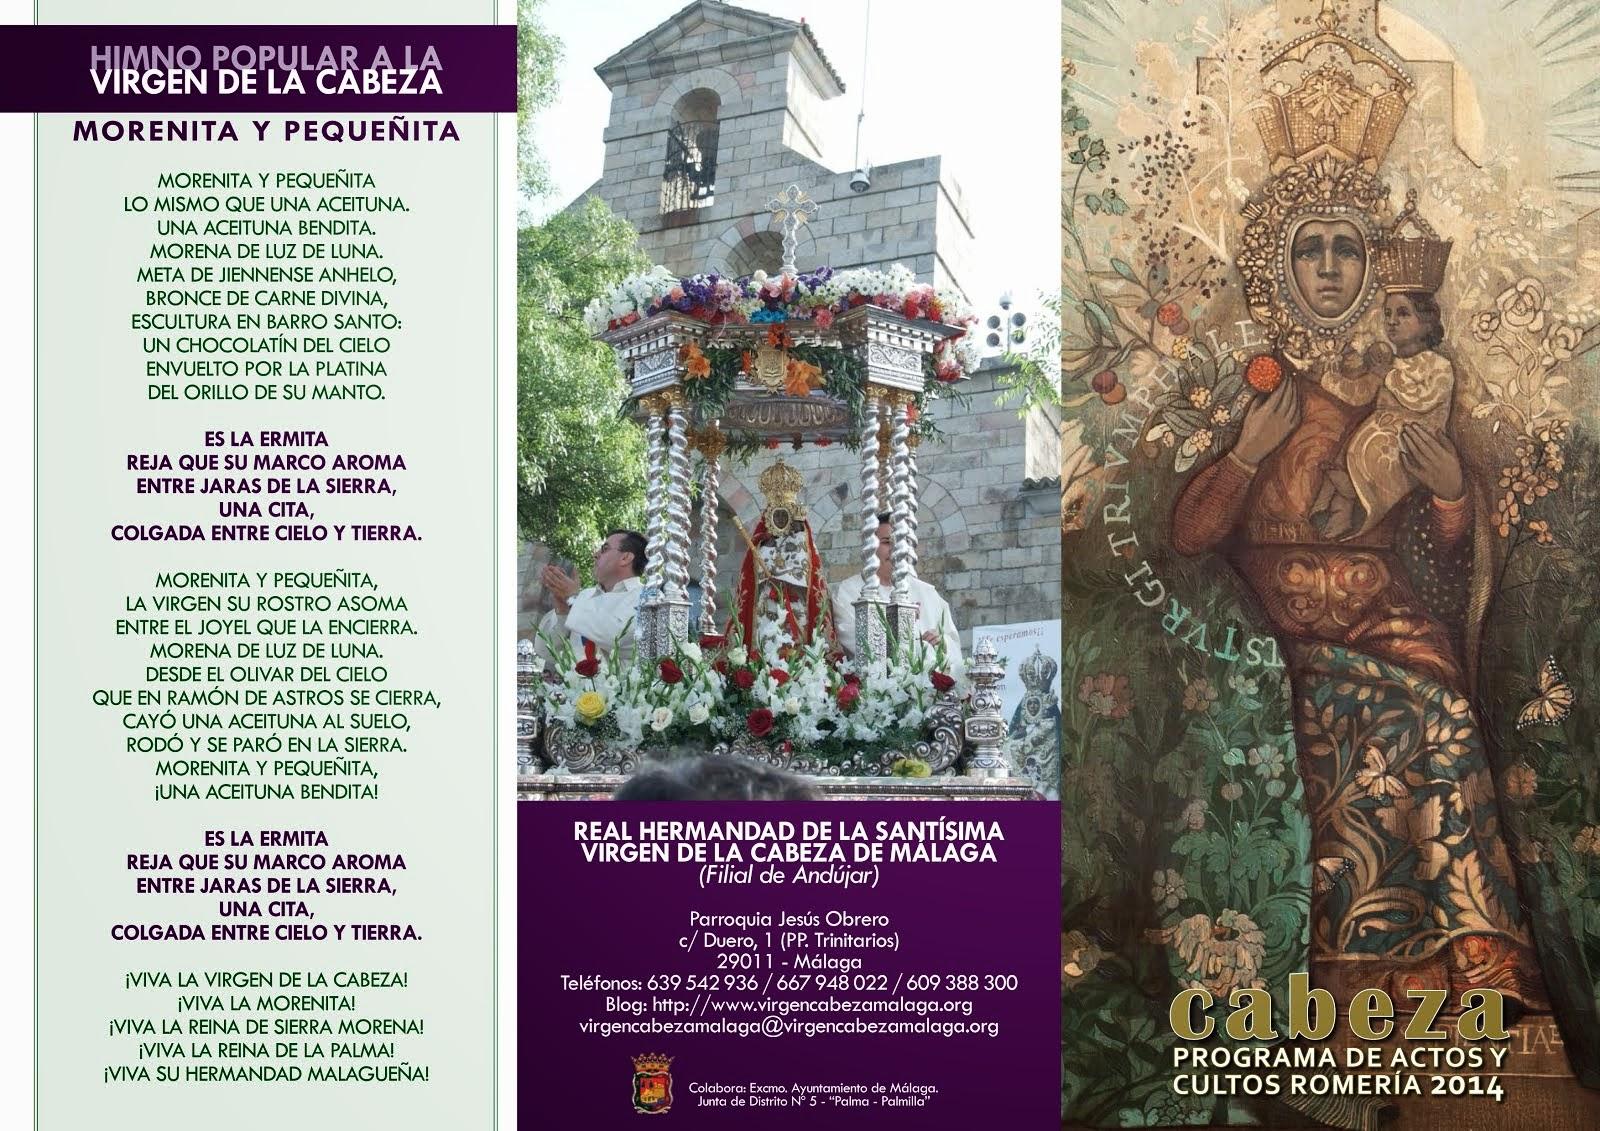 Programa de Actos y Cultos ROMERÍA 2014. Real Hdad. de Málaga.